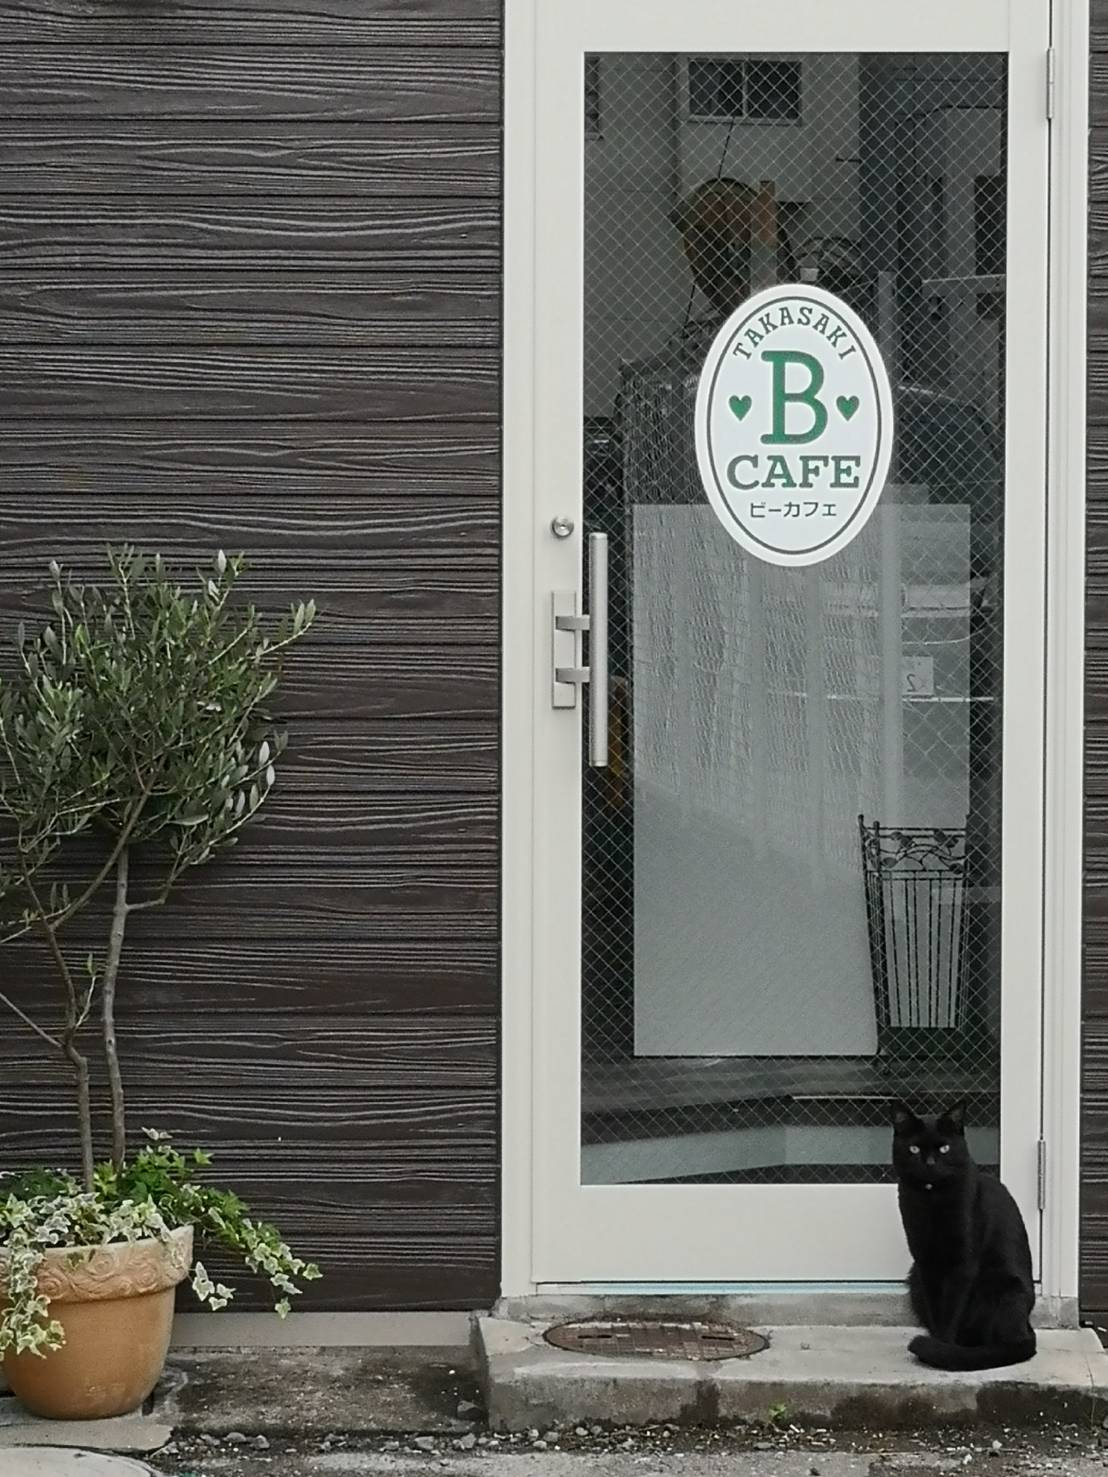 群馬県高崎市の猫が遊びにくる占い館BCAFE(ビーカフェ)群馬高崎店!まるで「猫カフェ」のような占い館です